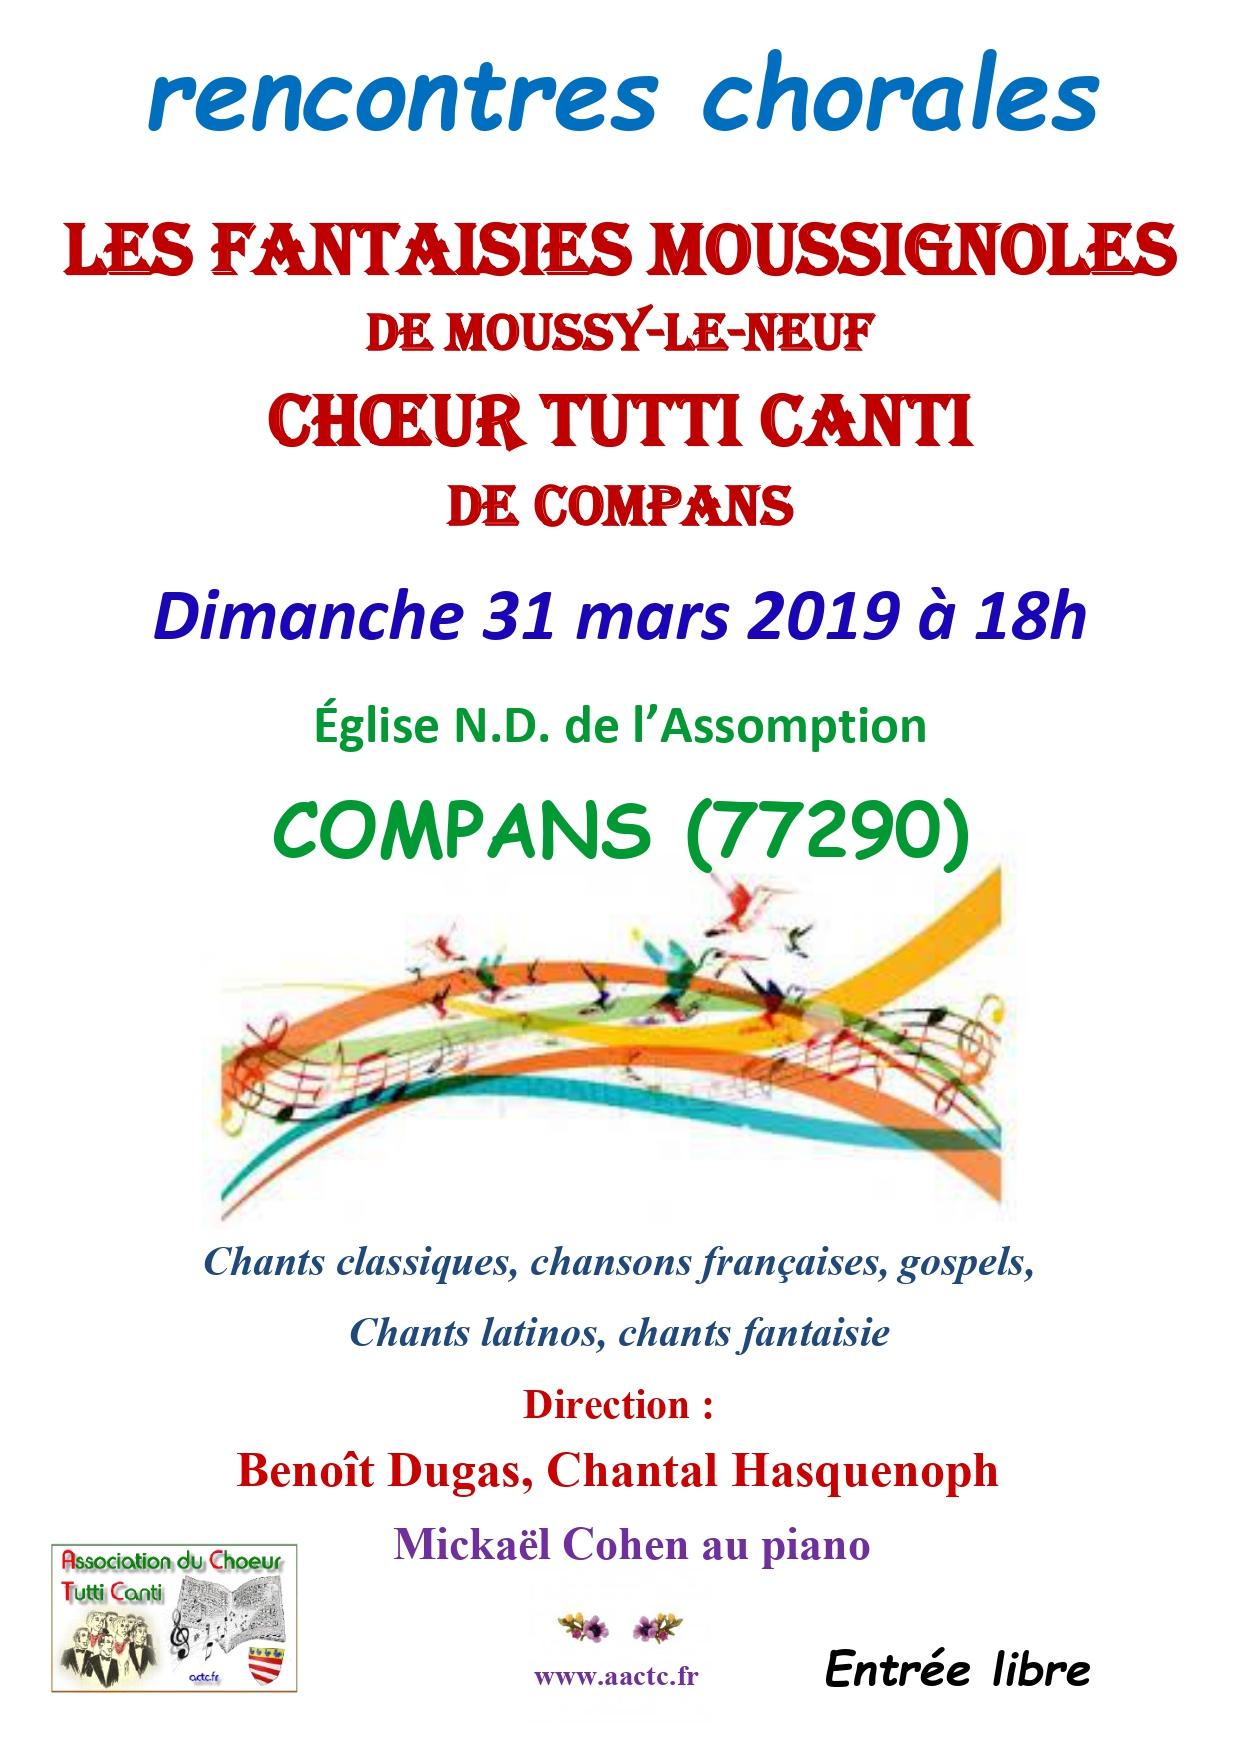 2019- COMPANS  - Rencontre chorales avec Les Fantaisies Moussignoles